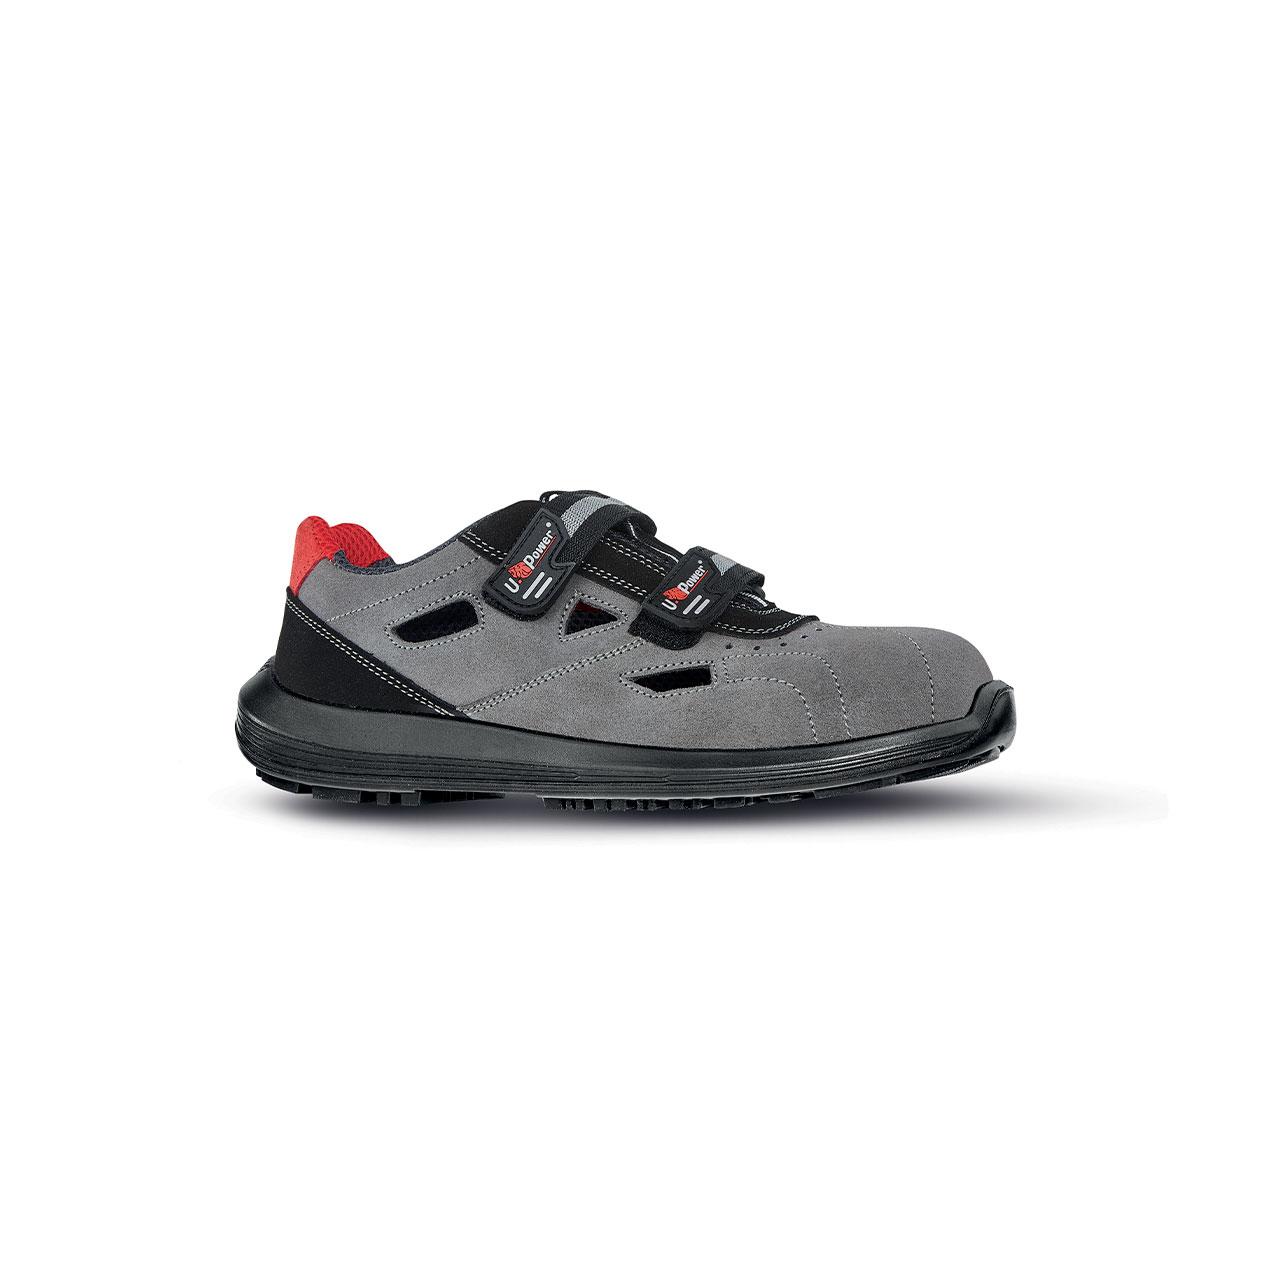 scarpa antinfortunistica upower modello labrador linea rock_roll vista laterale